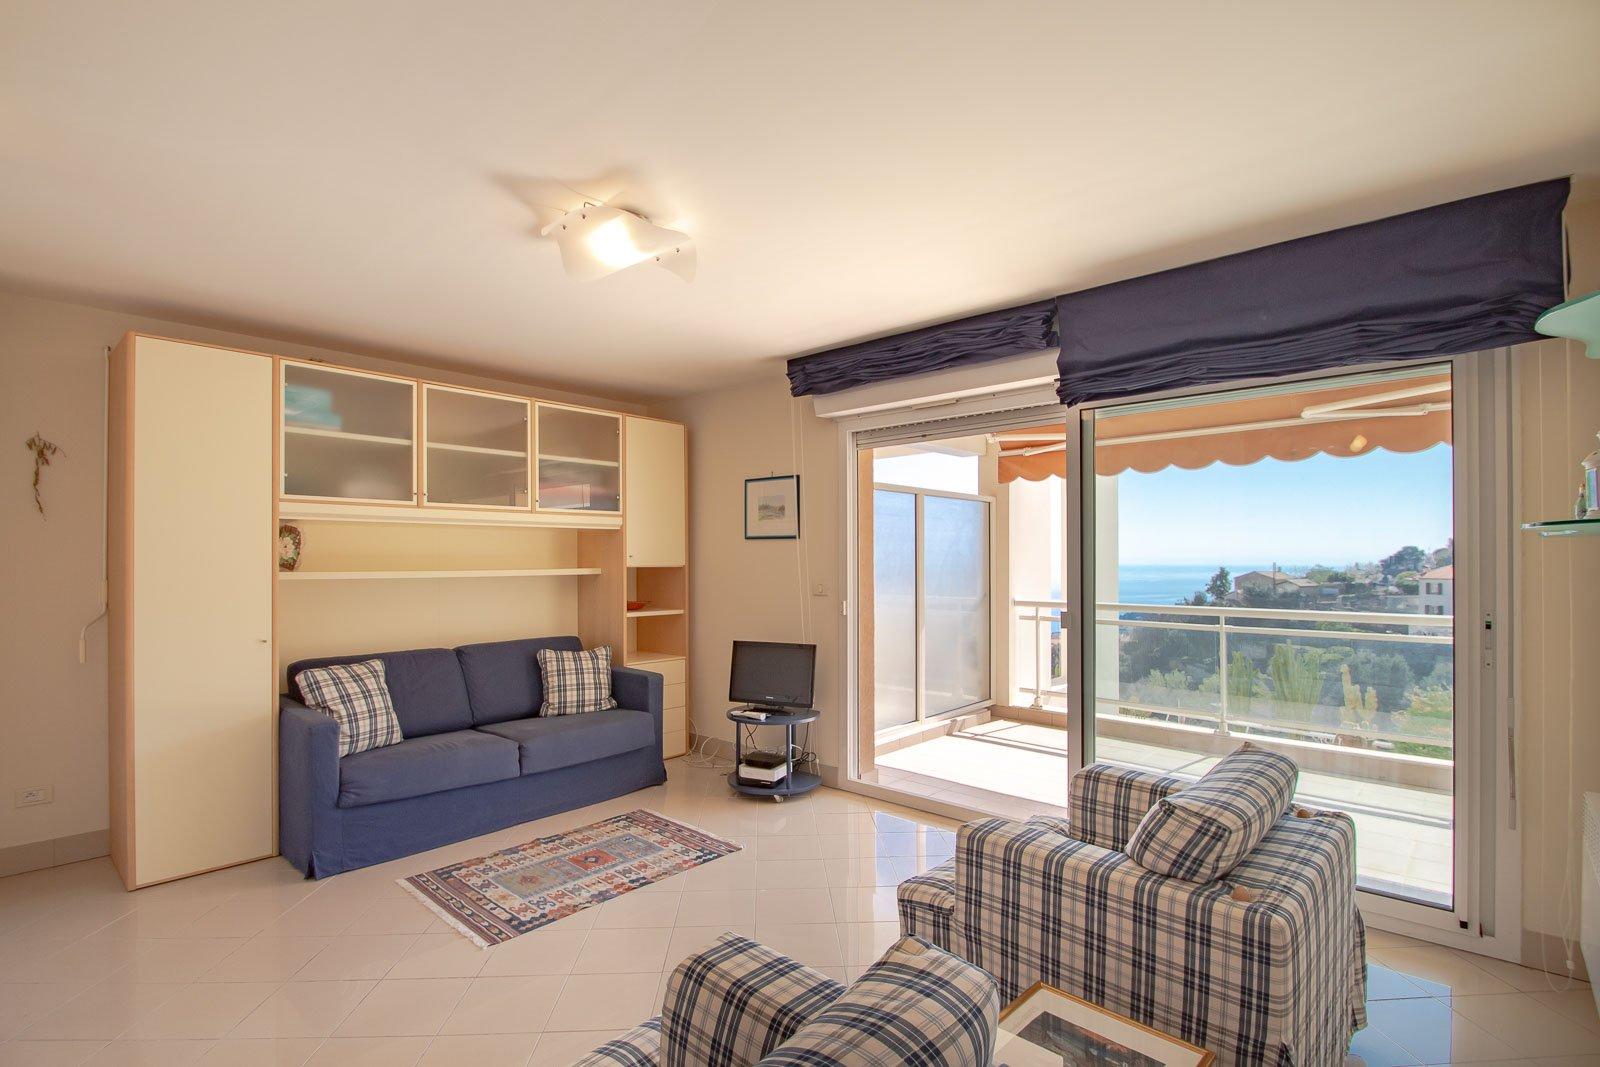 Антиб.  Превосходная студия с большой панорамной террасой с видом на море в роскошной резиденции с бассейном.